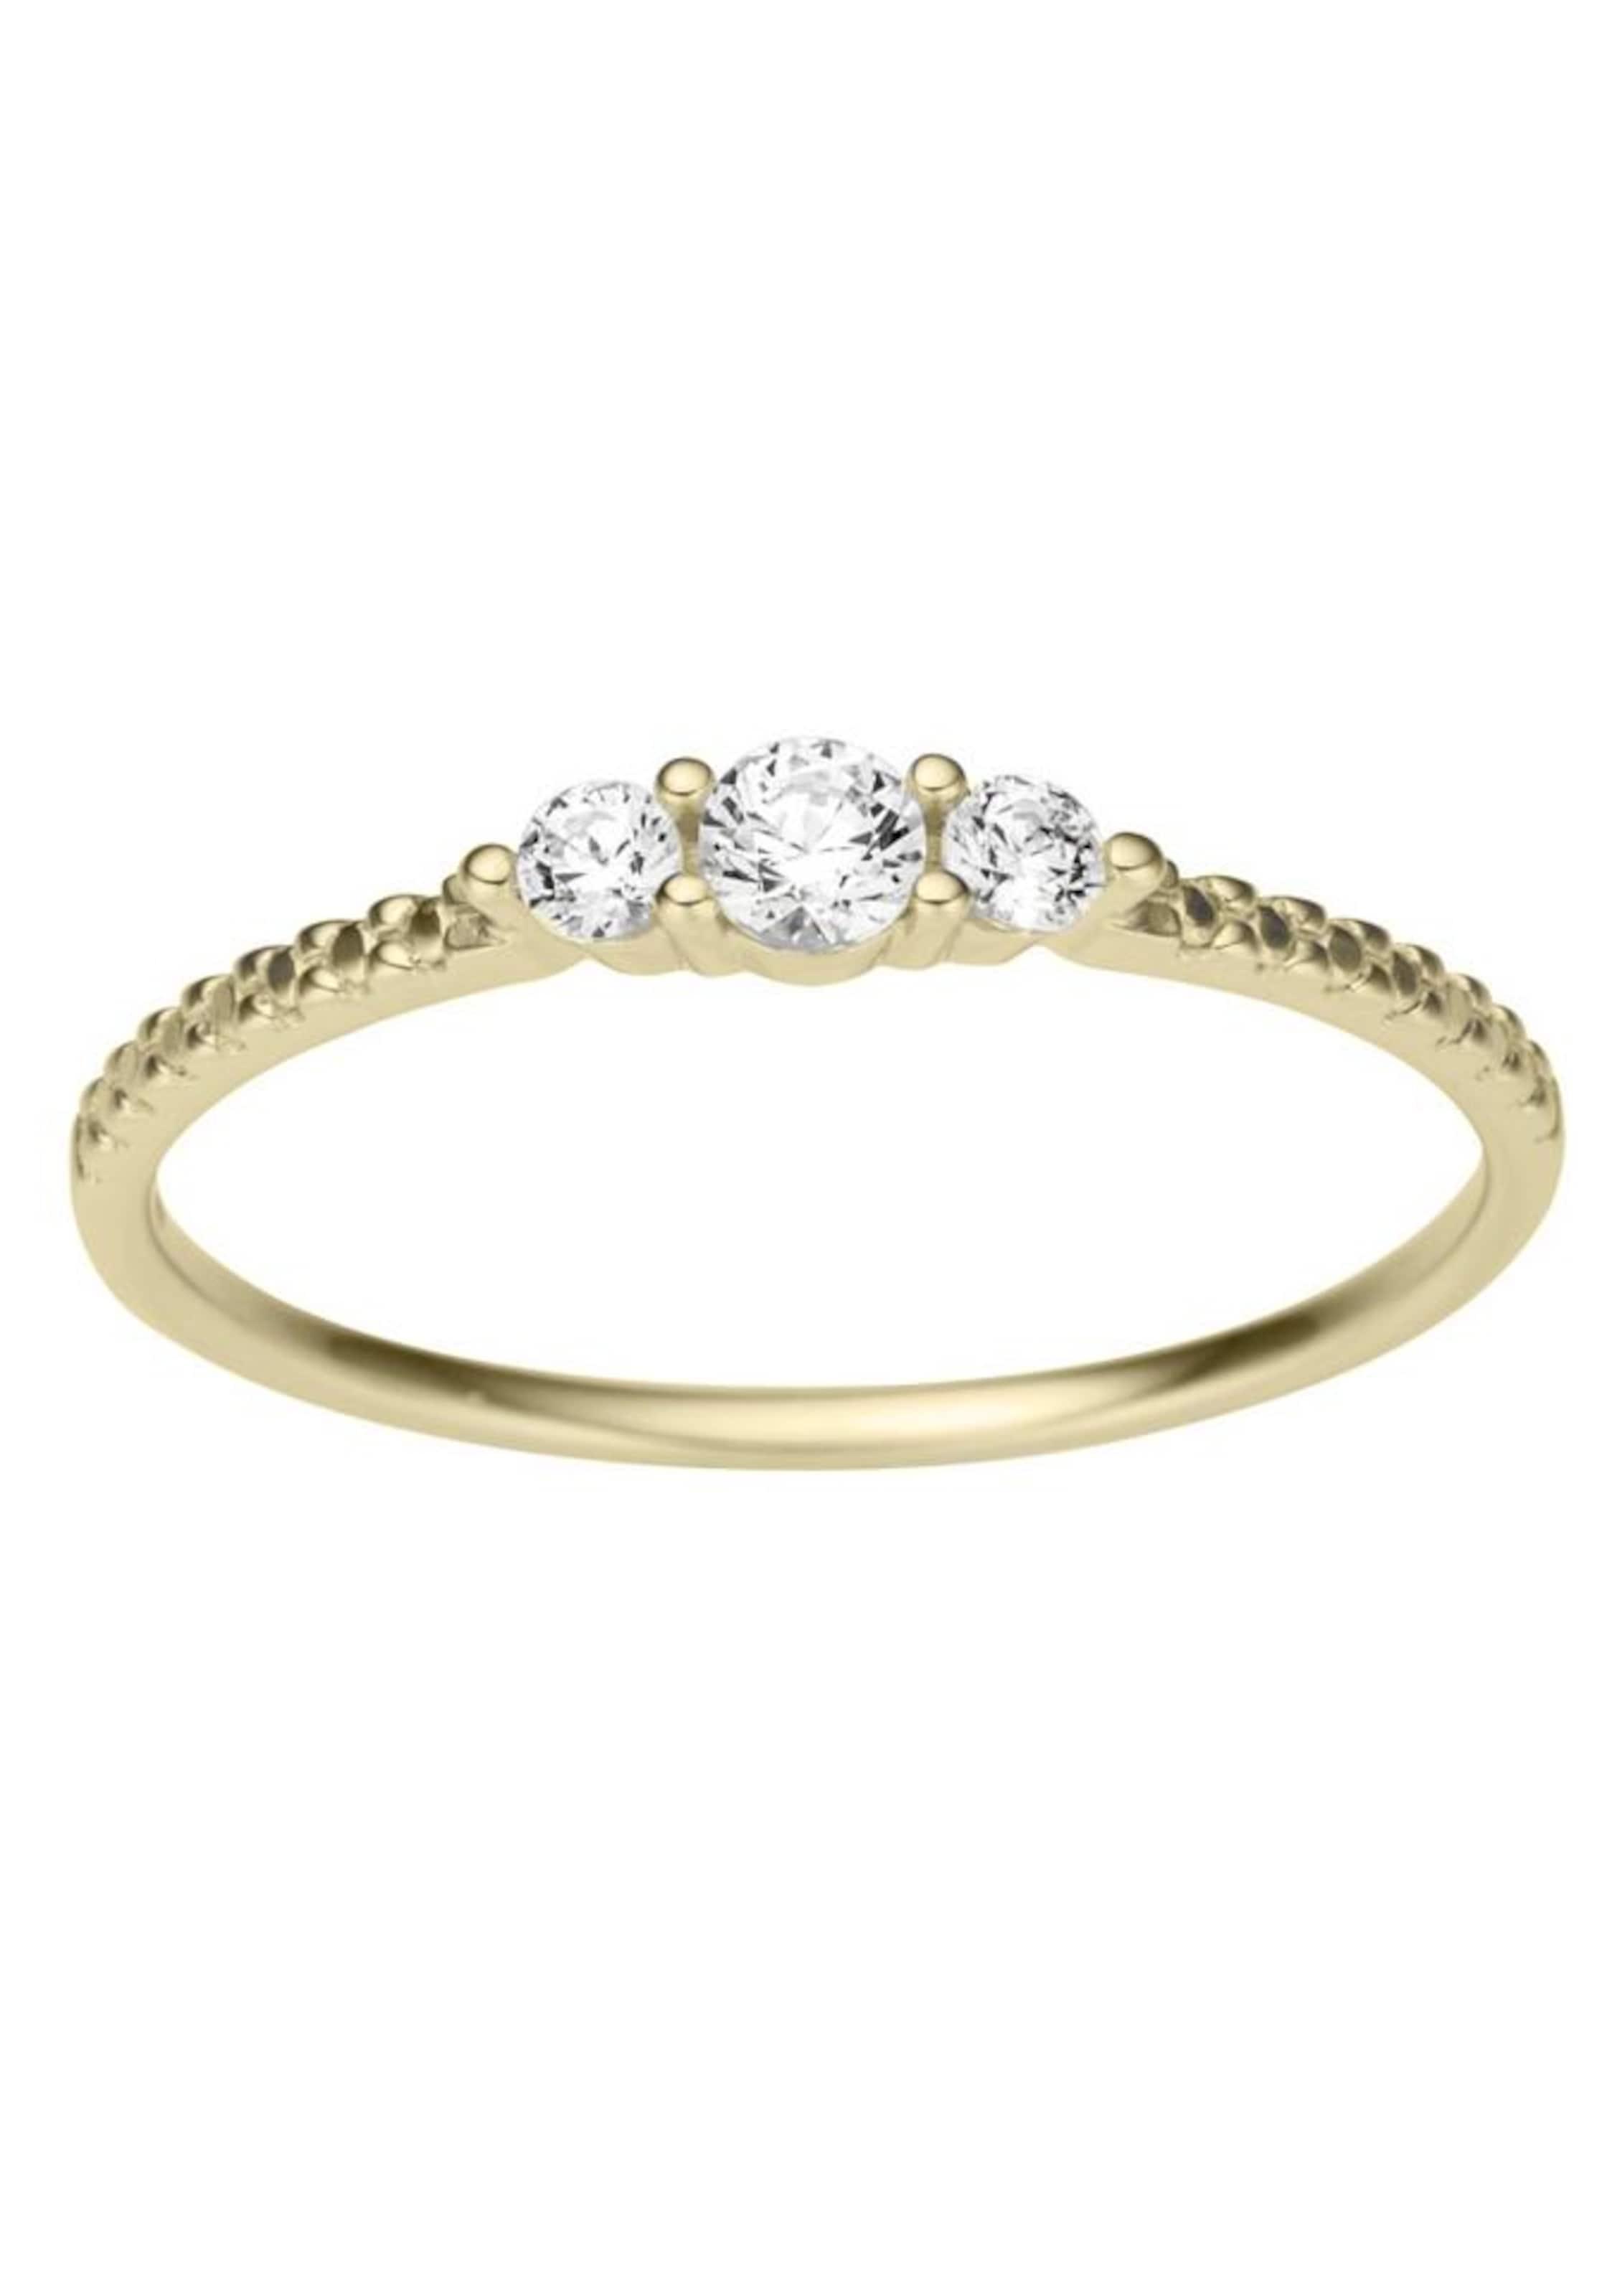 GoldSilber Ring In In Firetti Ring Firetti Weiß hQxtsCdr